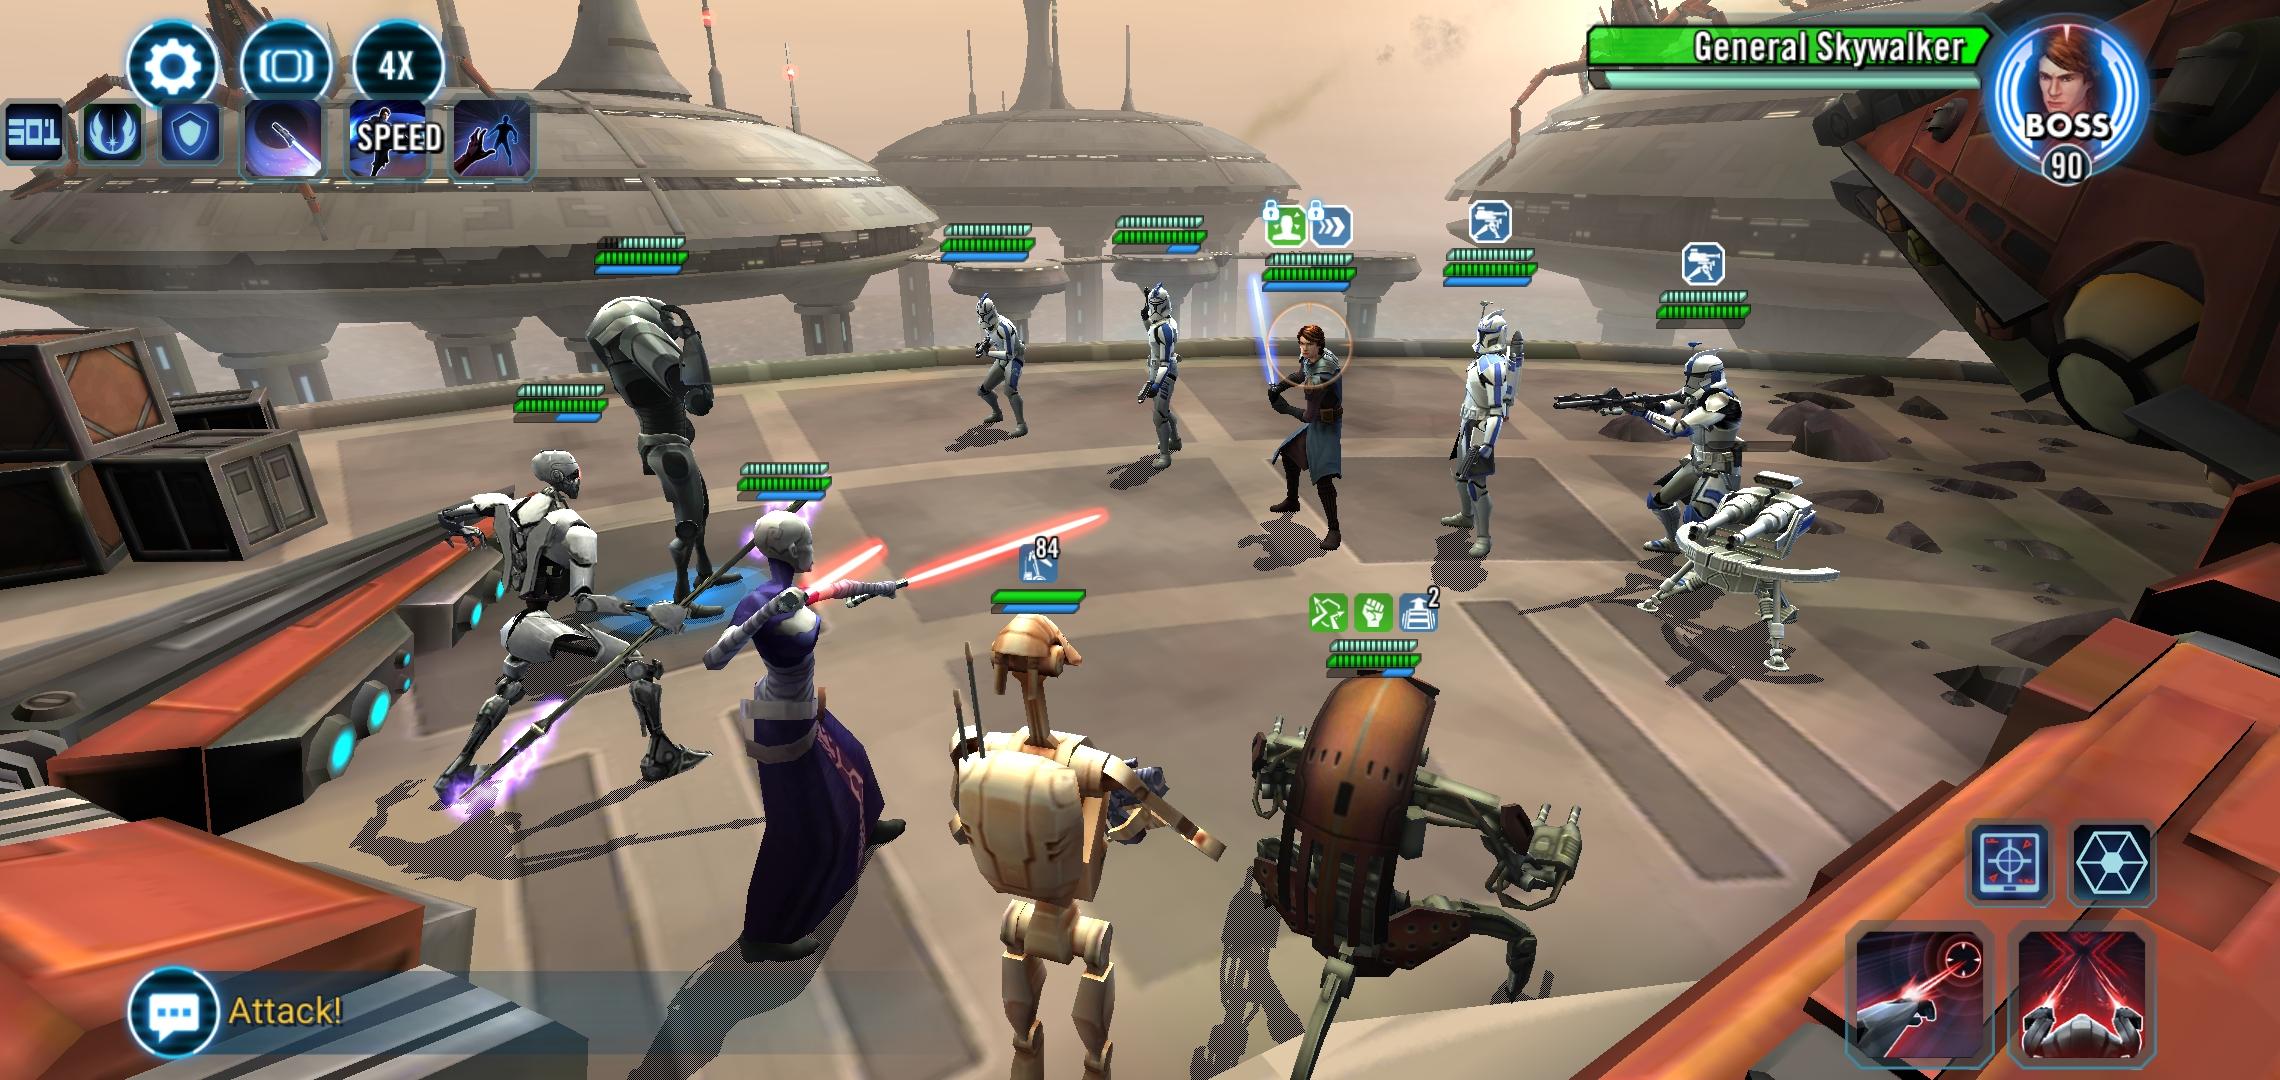 Screenshot_20200922-212951_Heroes.jpg